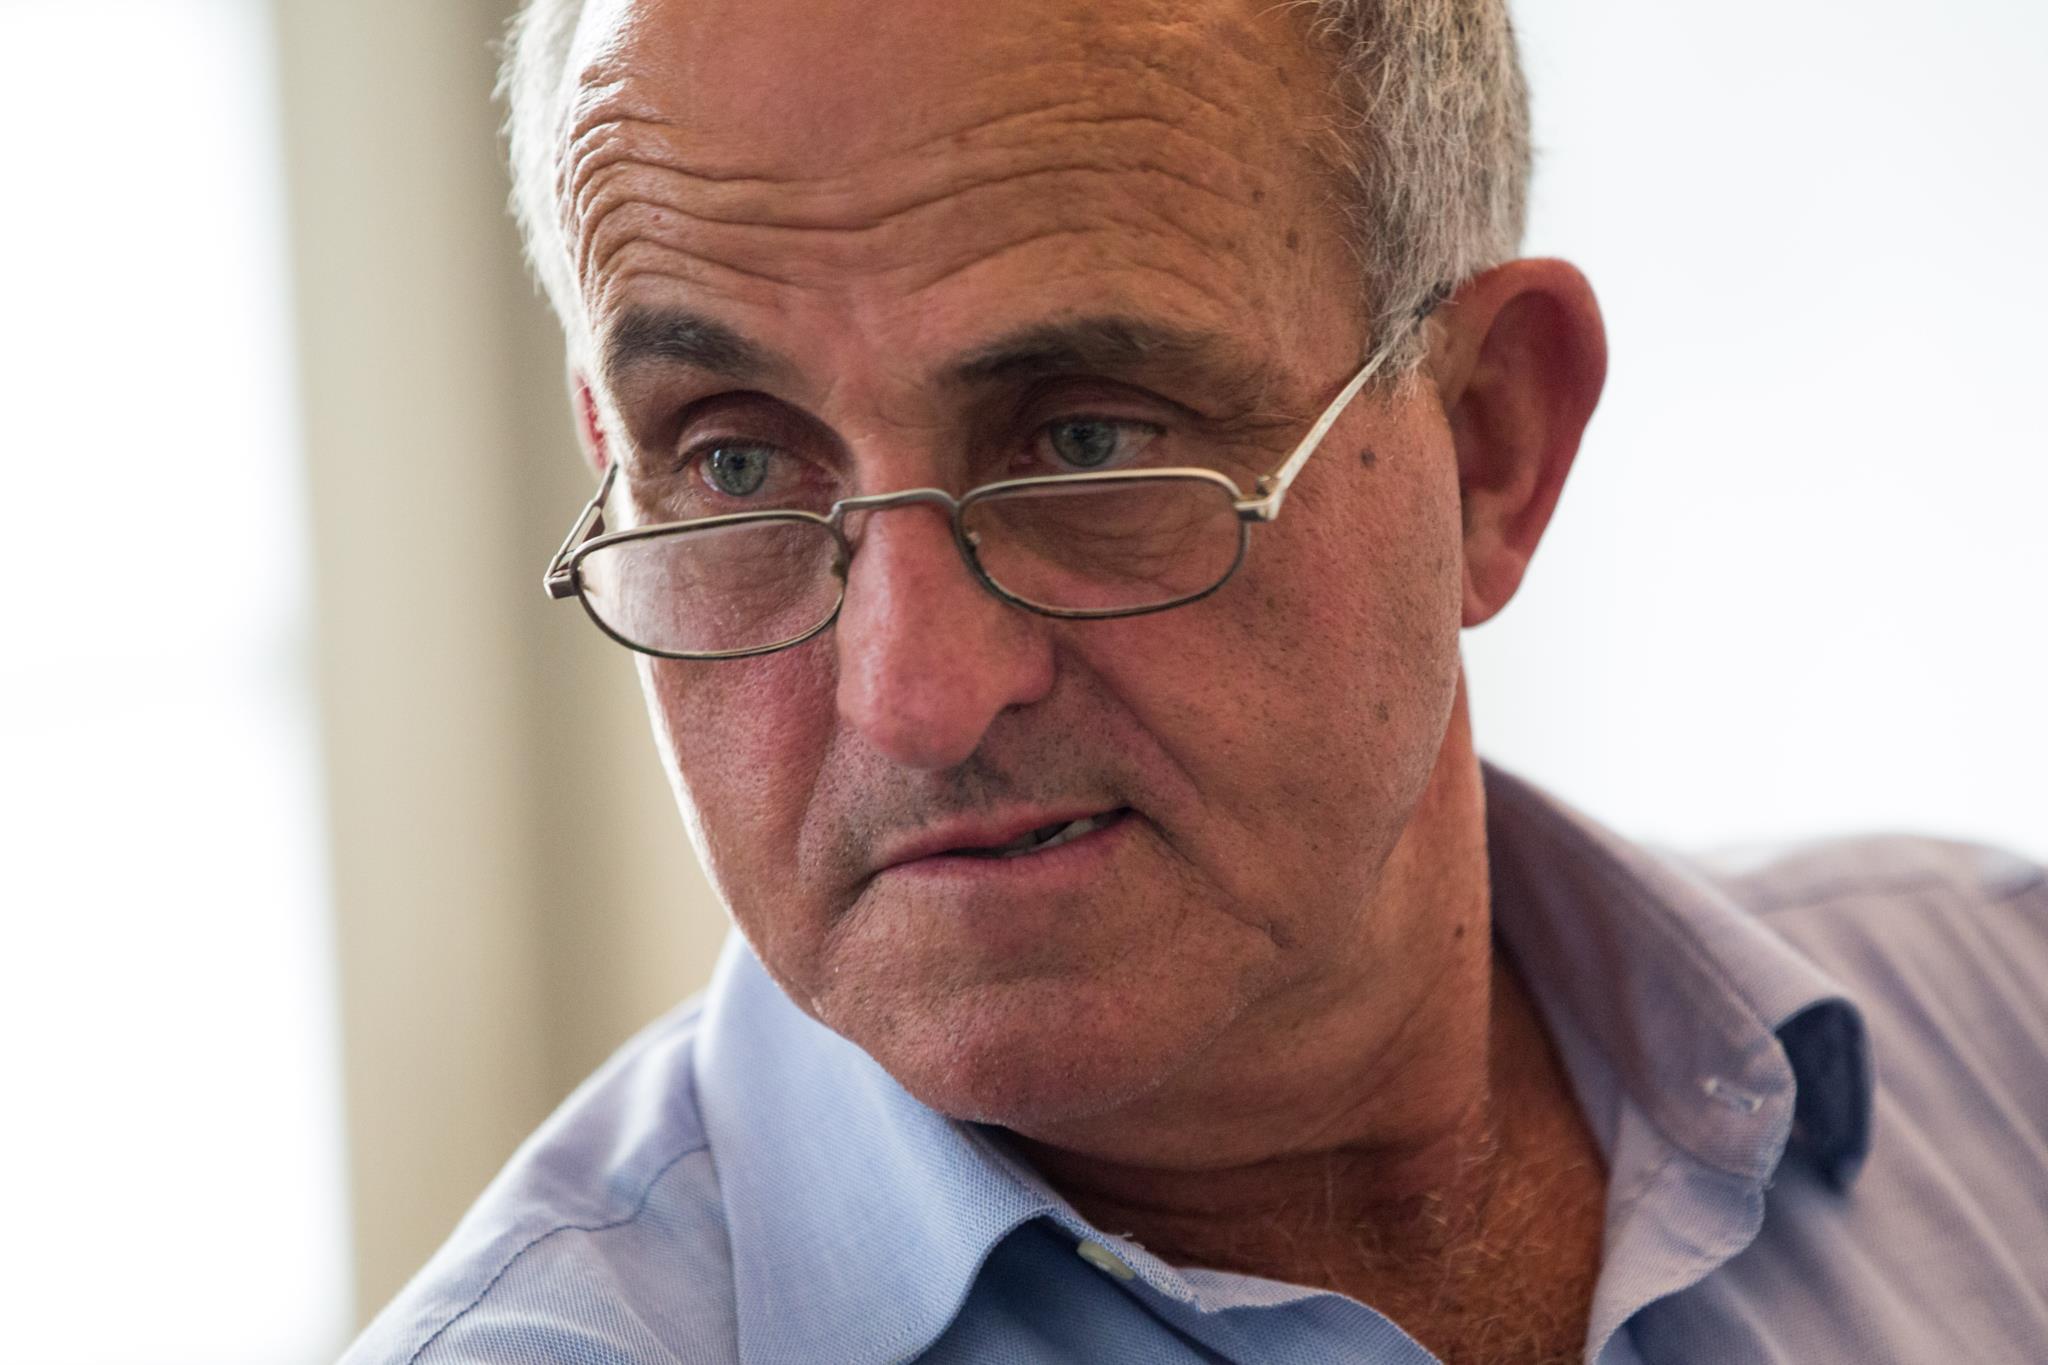 Deputado madeirense José Manuel Coelho condenado a um ano de prisão efectiva